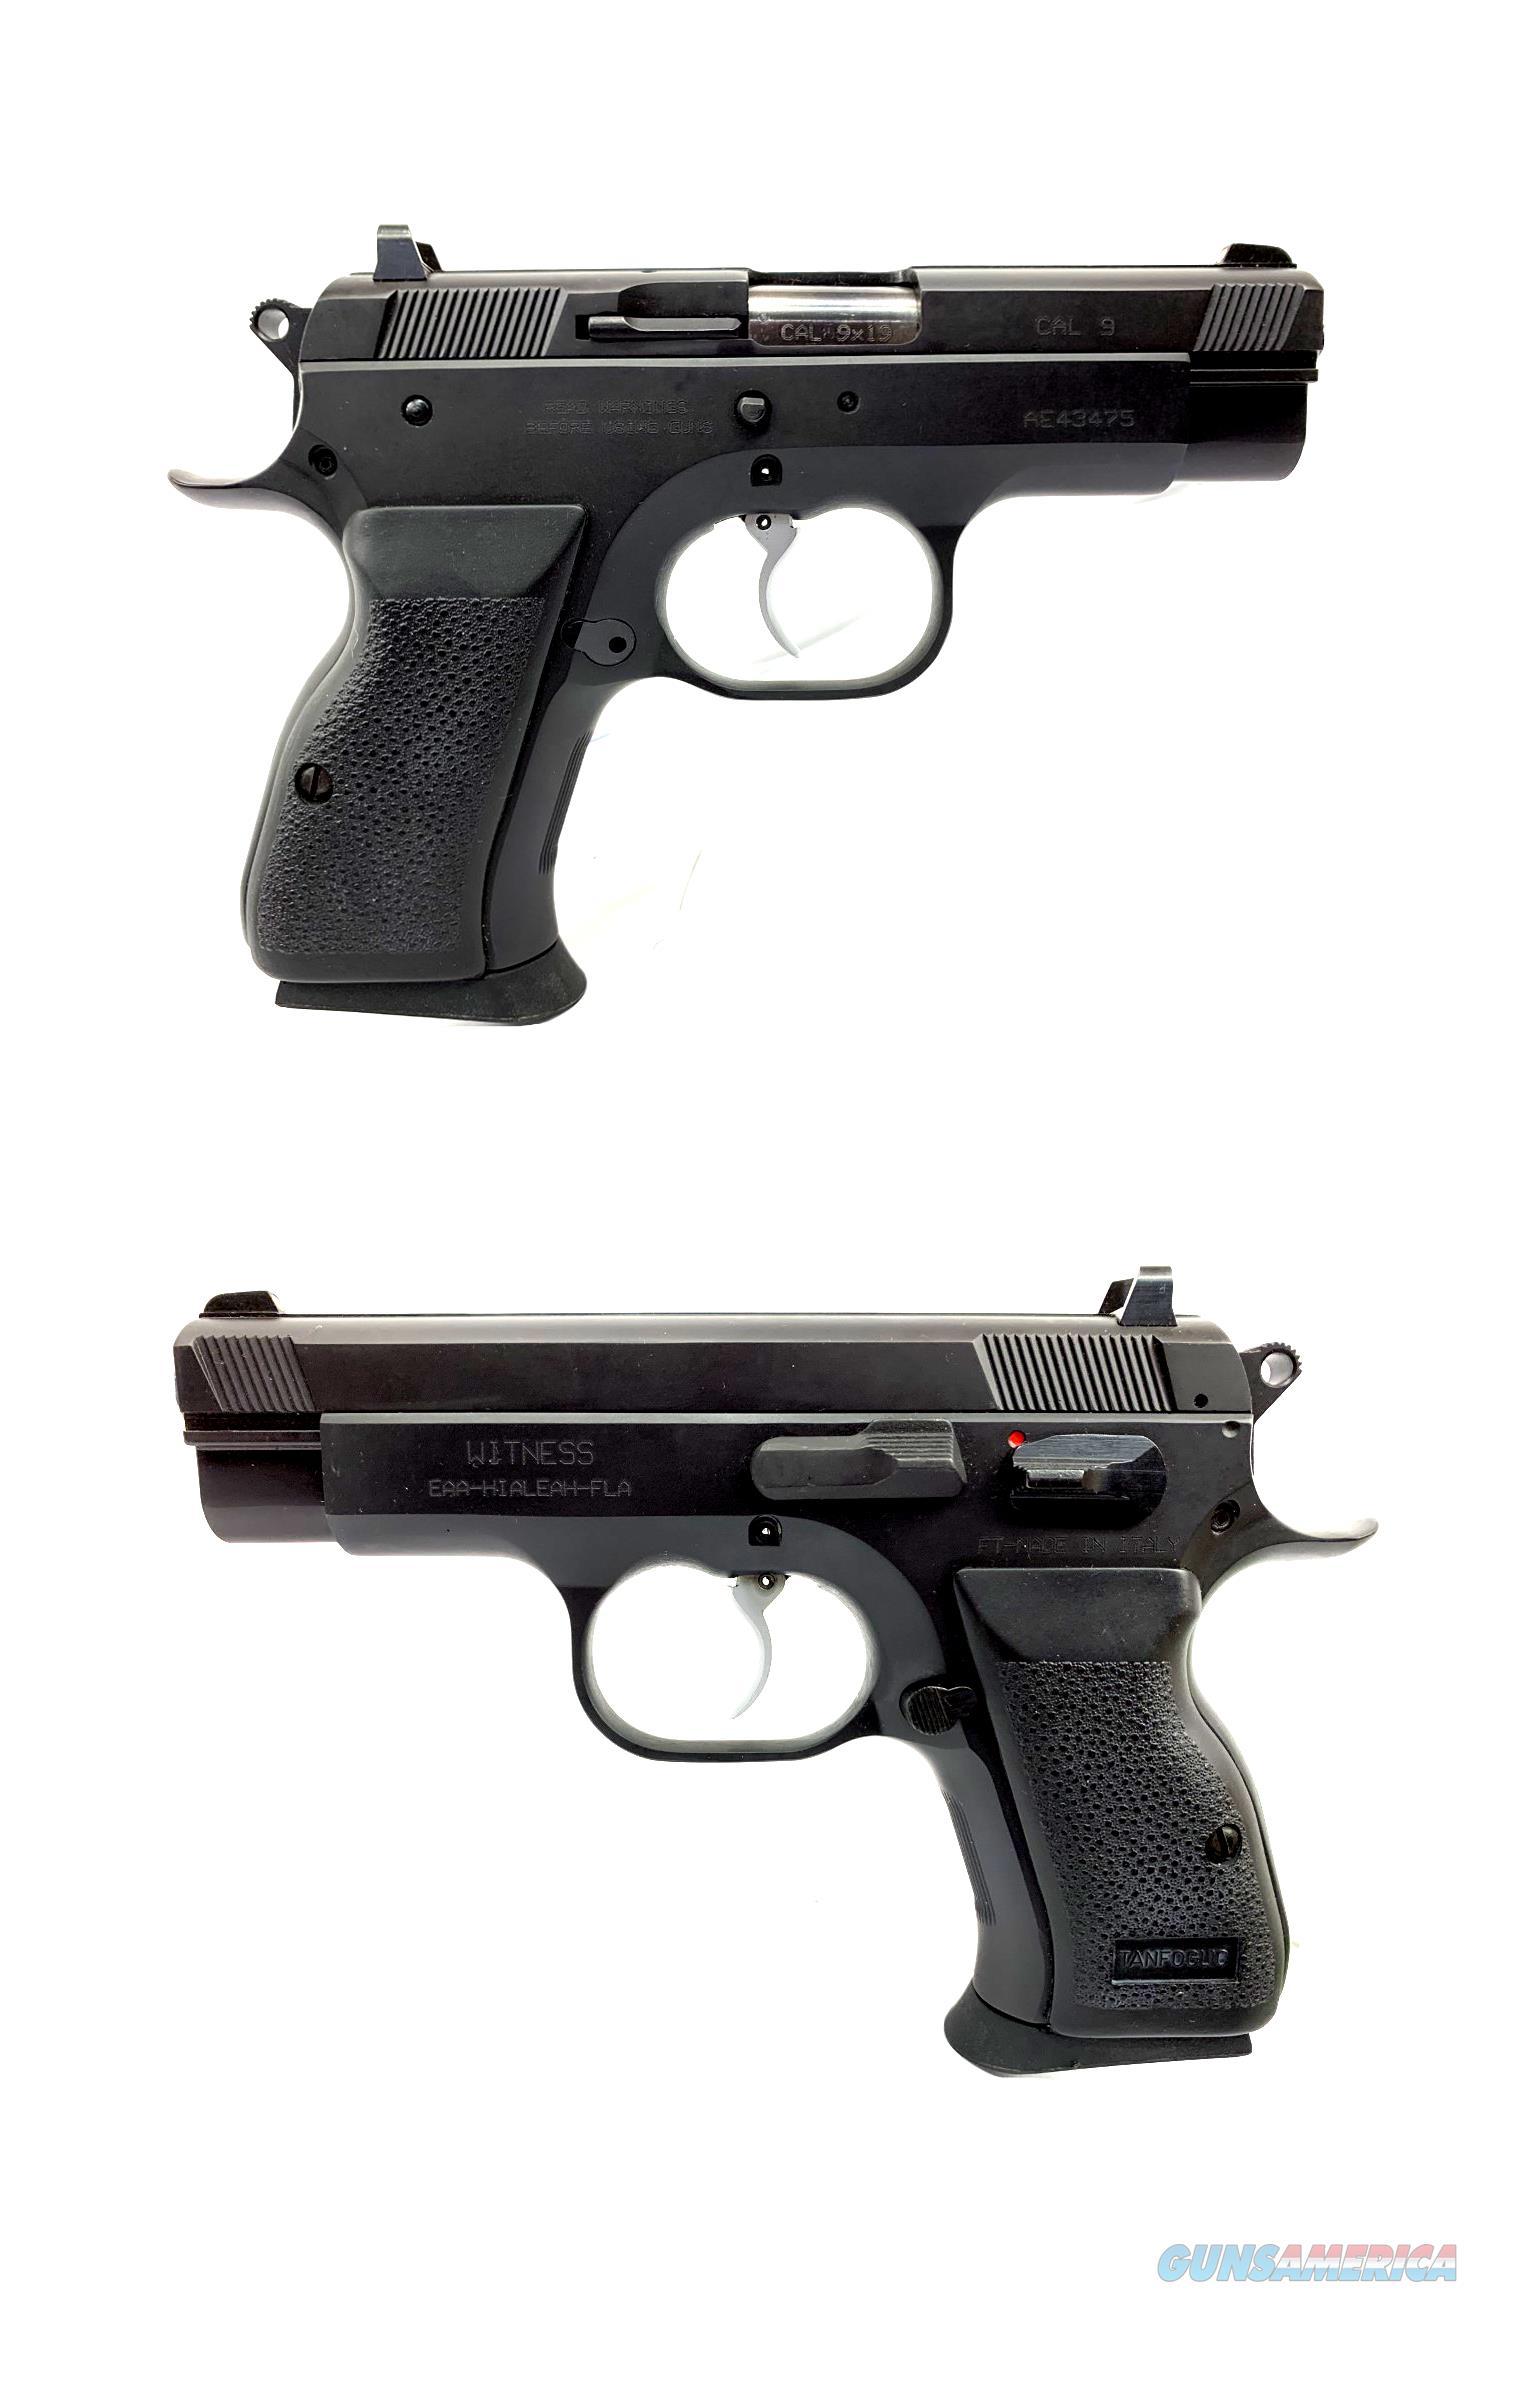 EAA Witness 9MM Semi-Automatic Pistol  Guns > Pistols > EAA Pistols > Other